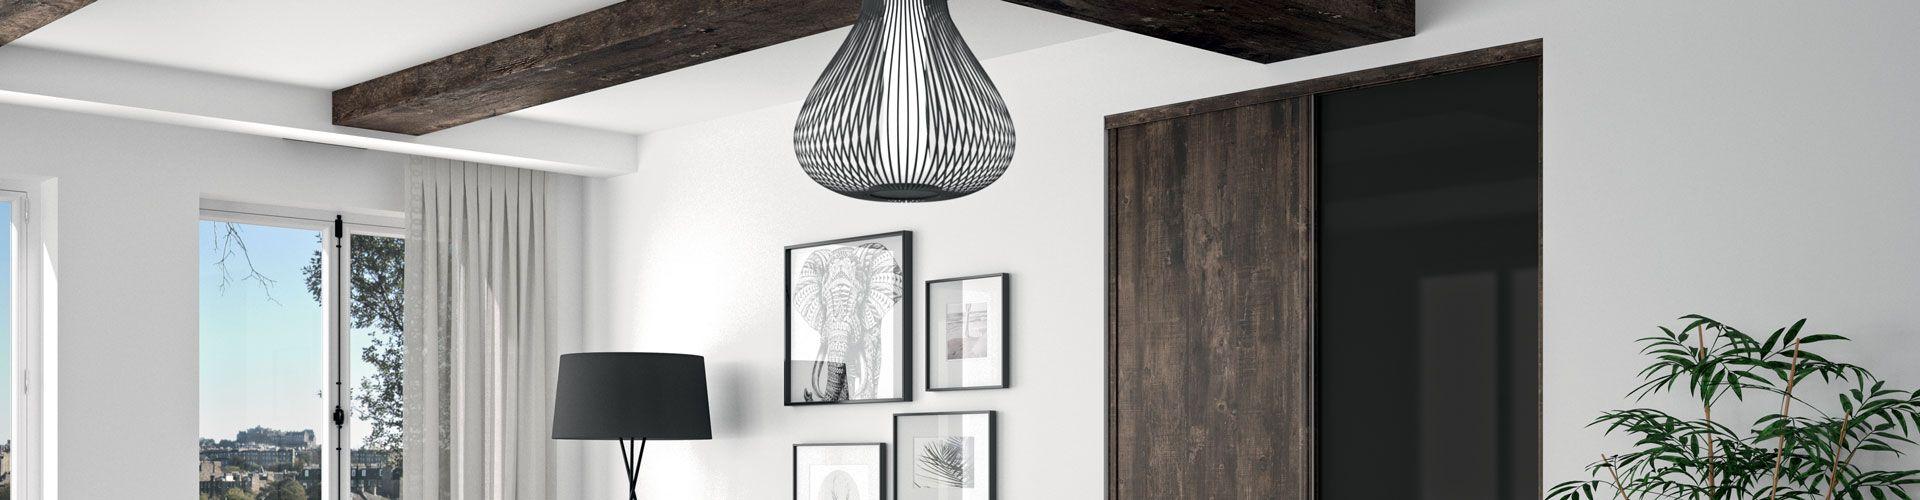 monteverde kazed. Black Bedroom Furniture Sets. Home Design Ideas